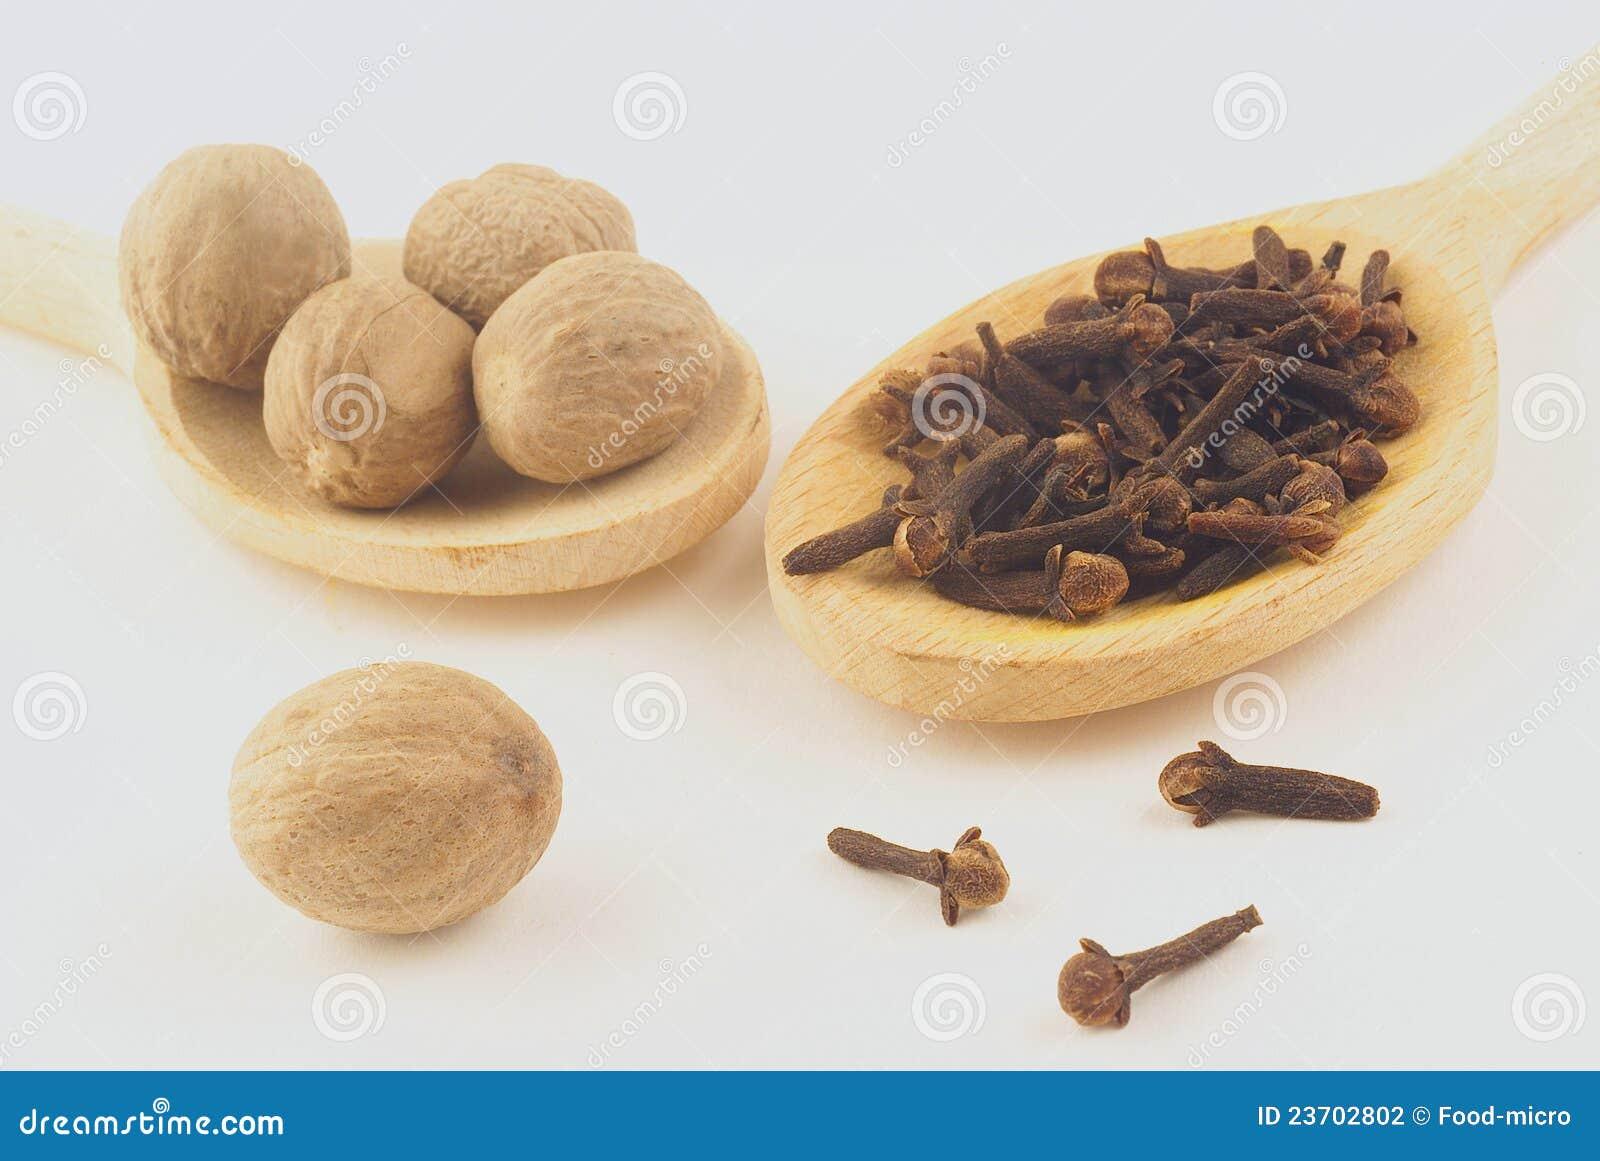 Noix de muscade et clous de girofle photographie stock for Noix de muscade cuisine